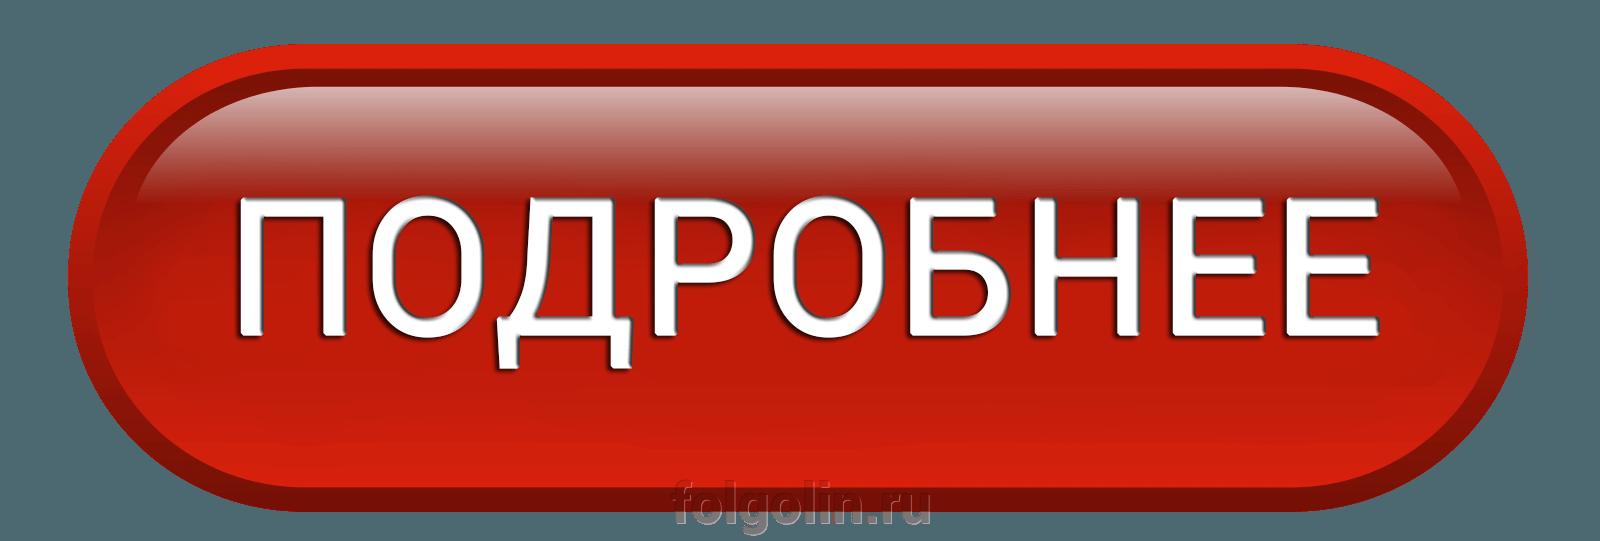 Готовые решения - фото pic_fb384b49b5801595a591079e44847230_1920x9000_1.png